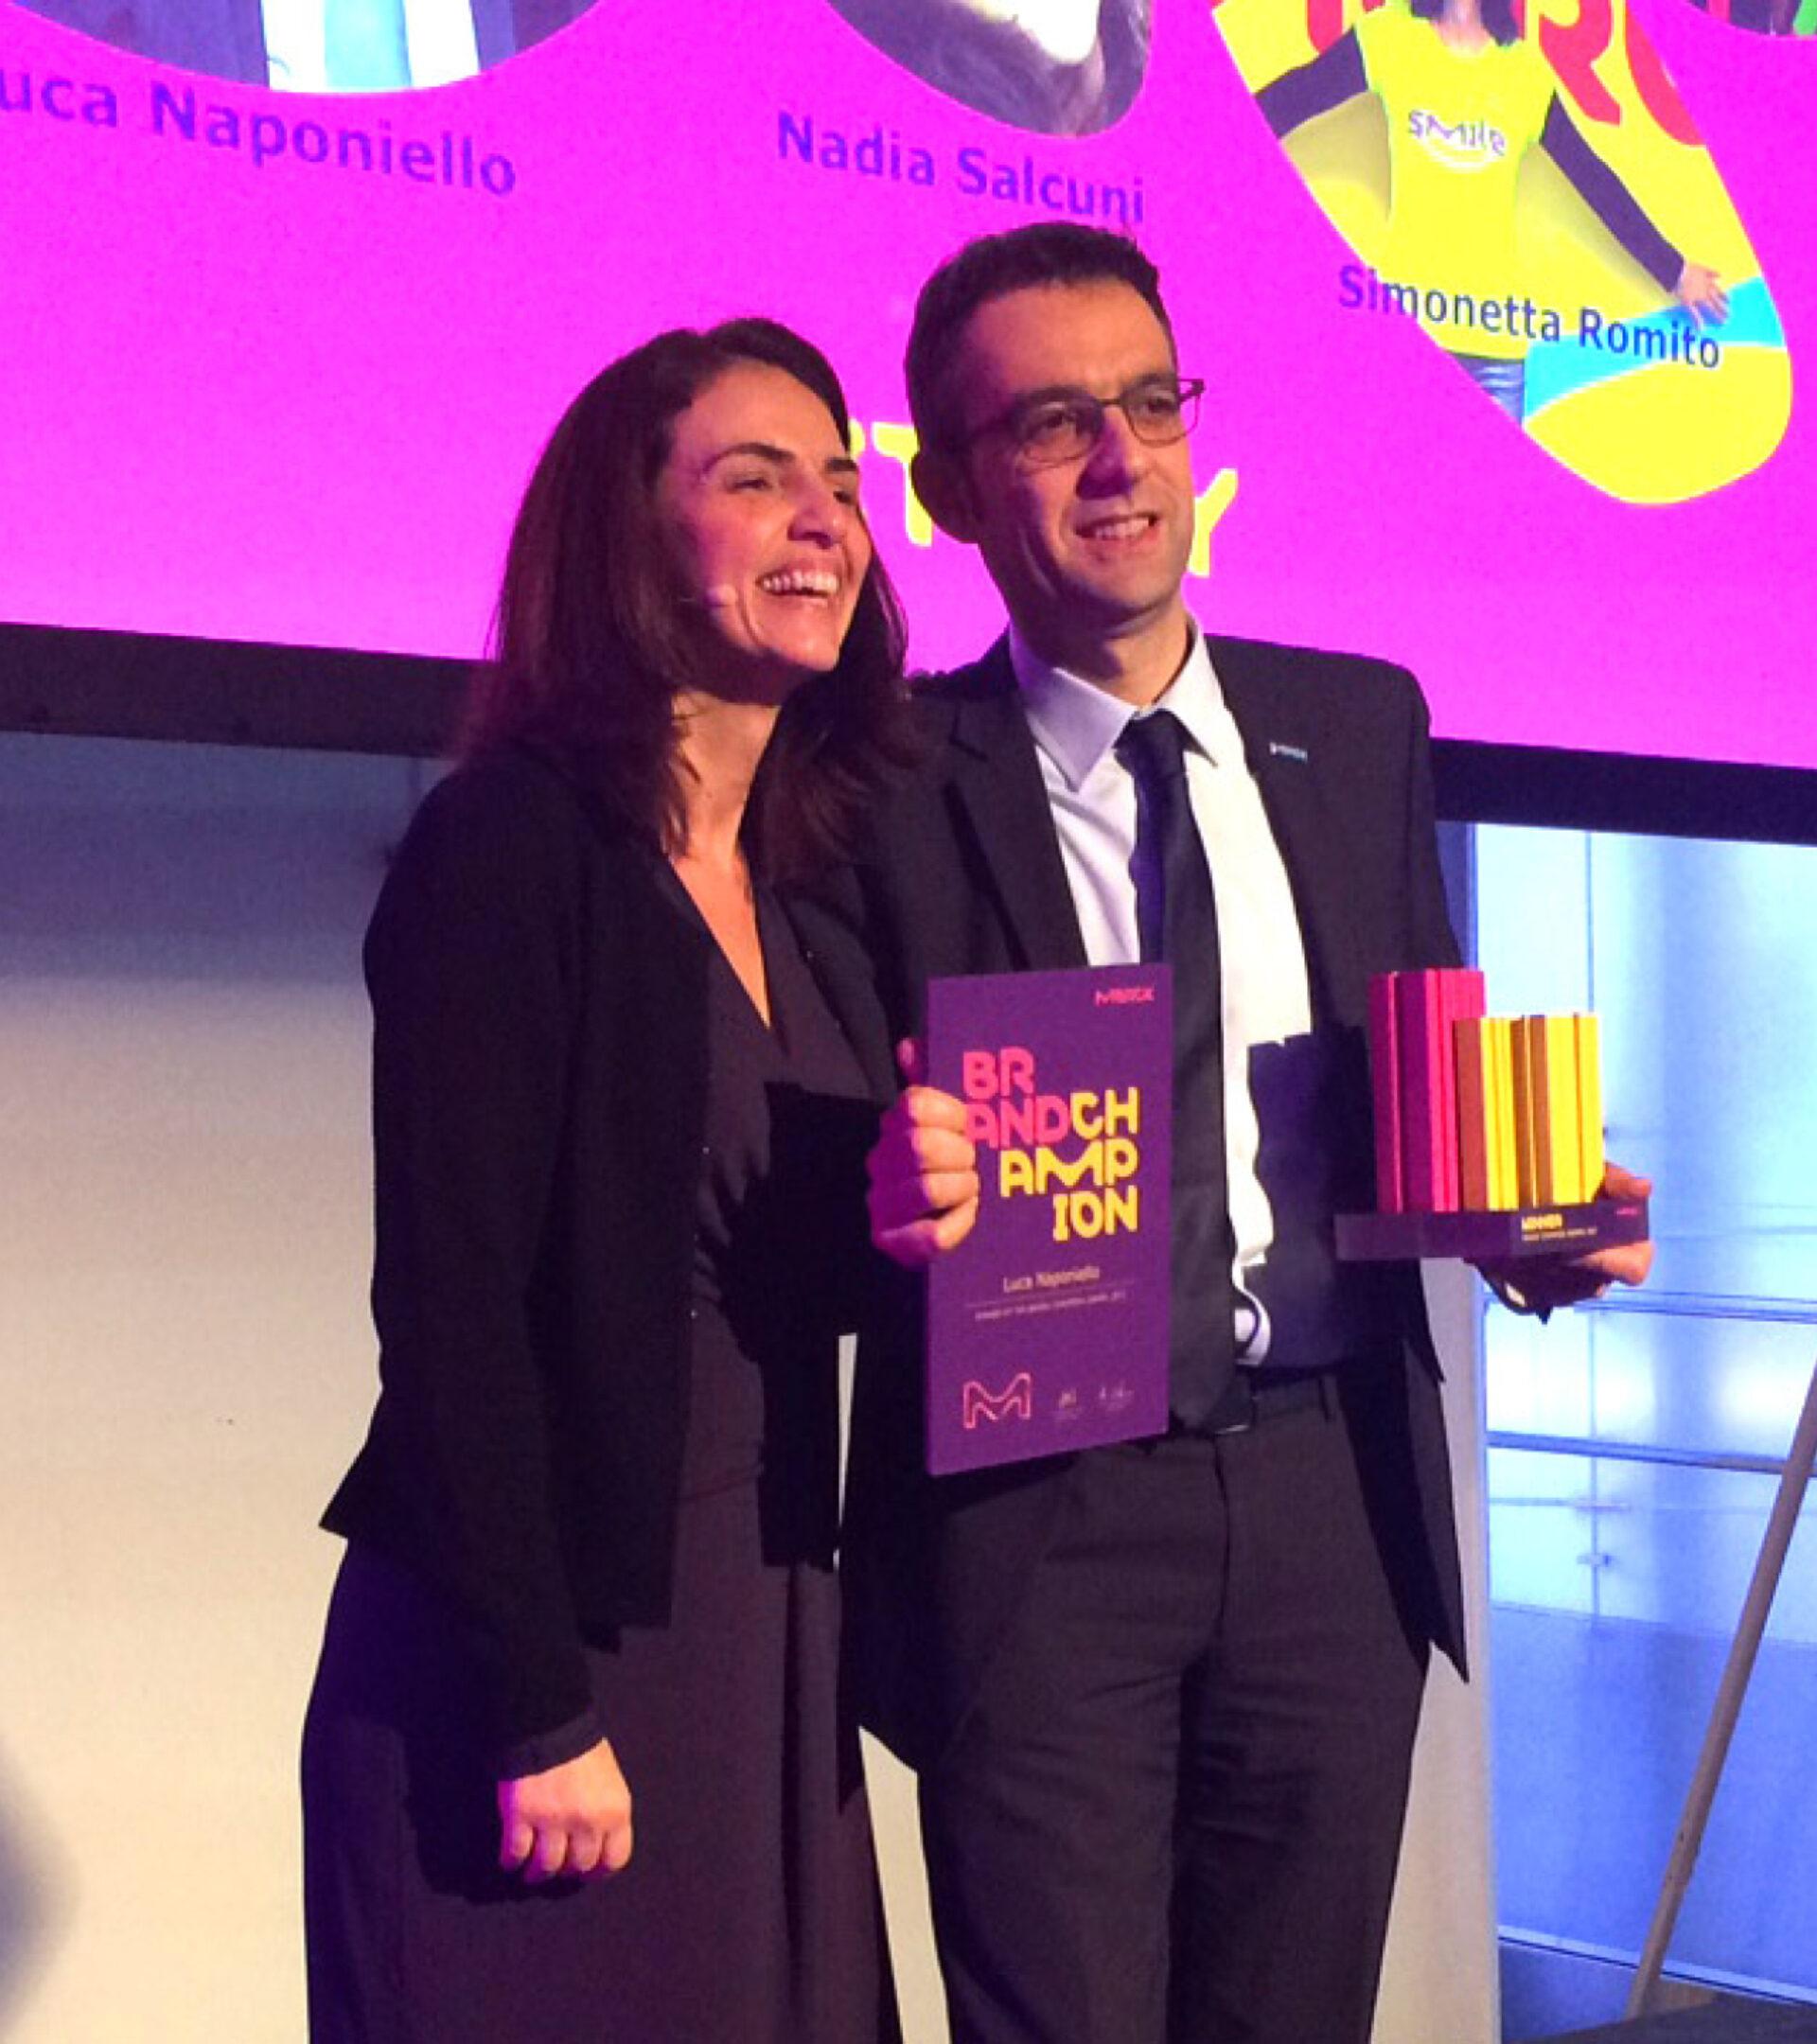 Zwei Personen halten den violett-gelben Brand Champion Award und die Auszeichnung